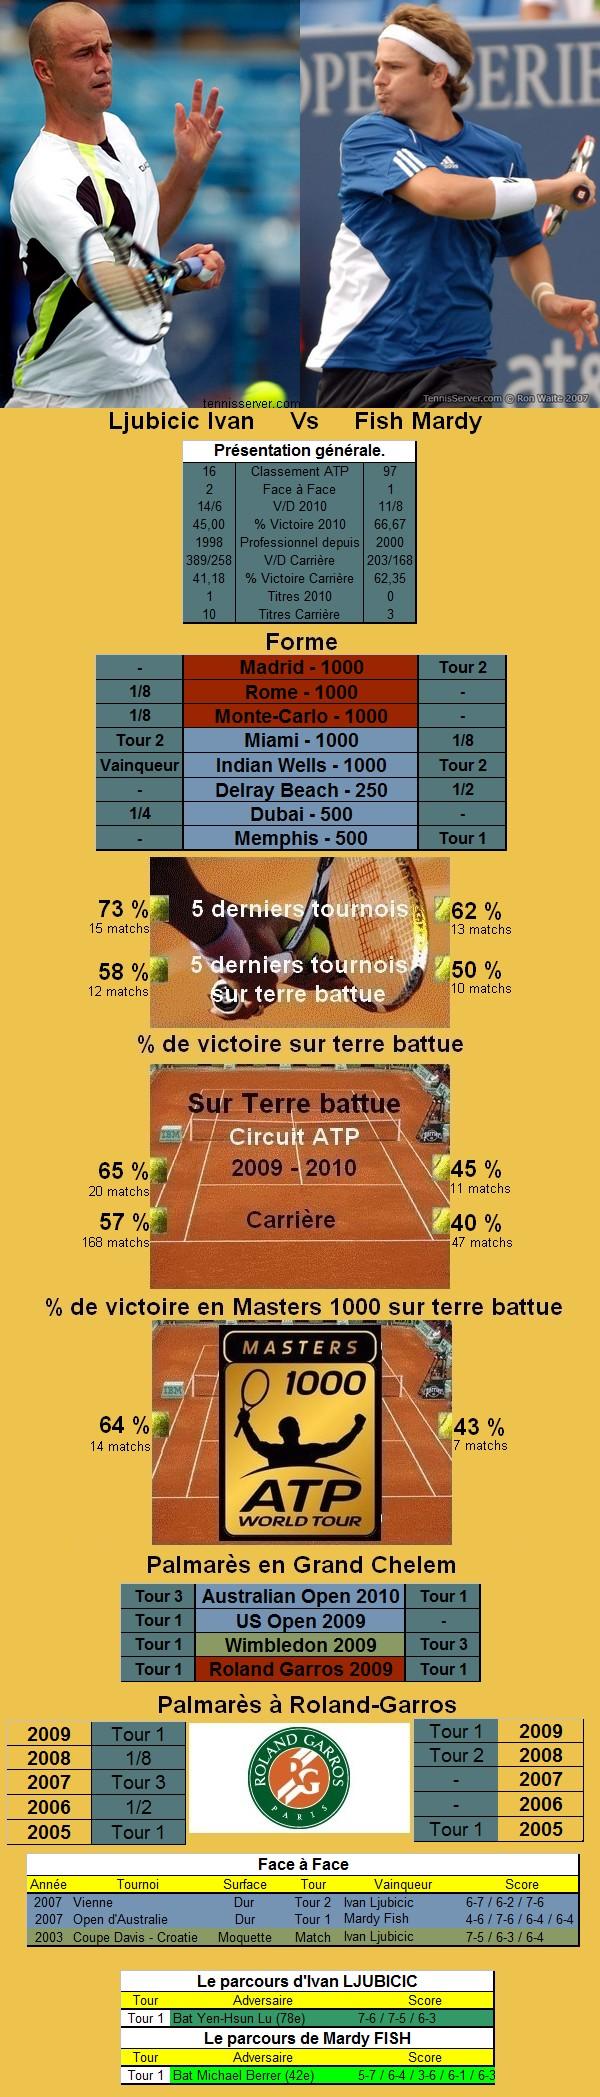 Statistiques tennis de Ljubicic contre Fish à Roland Garros